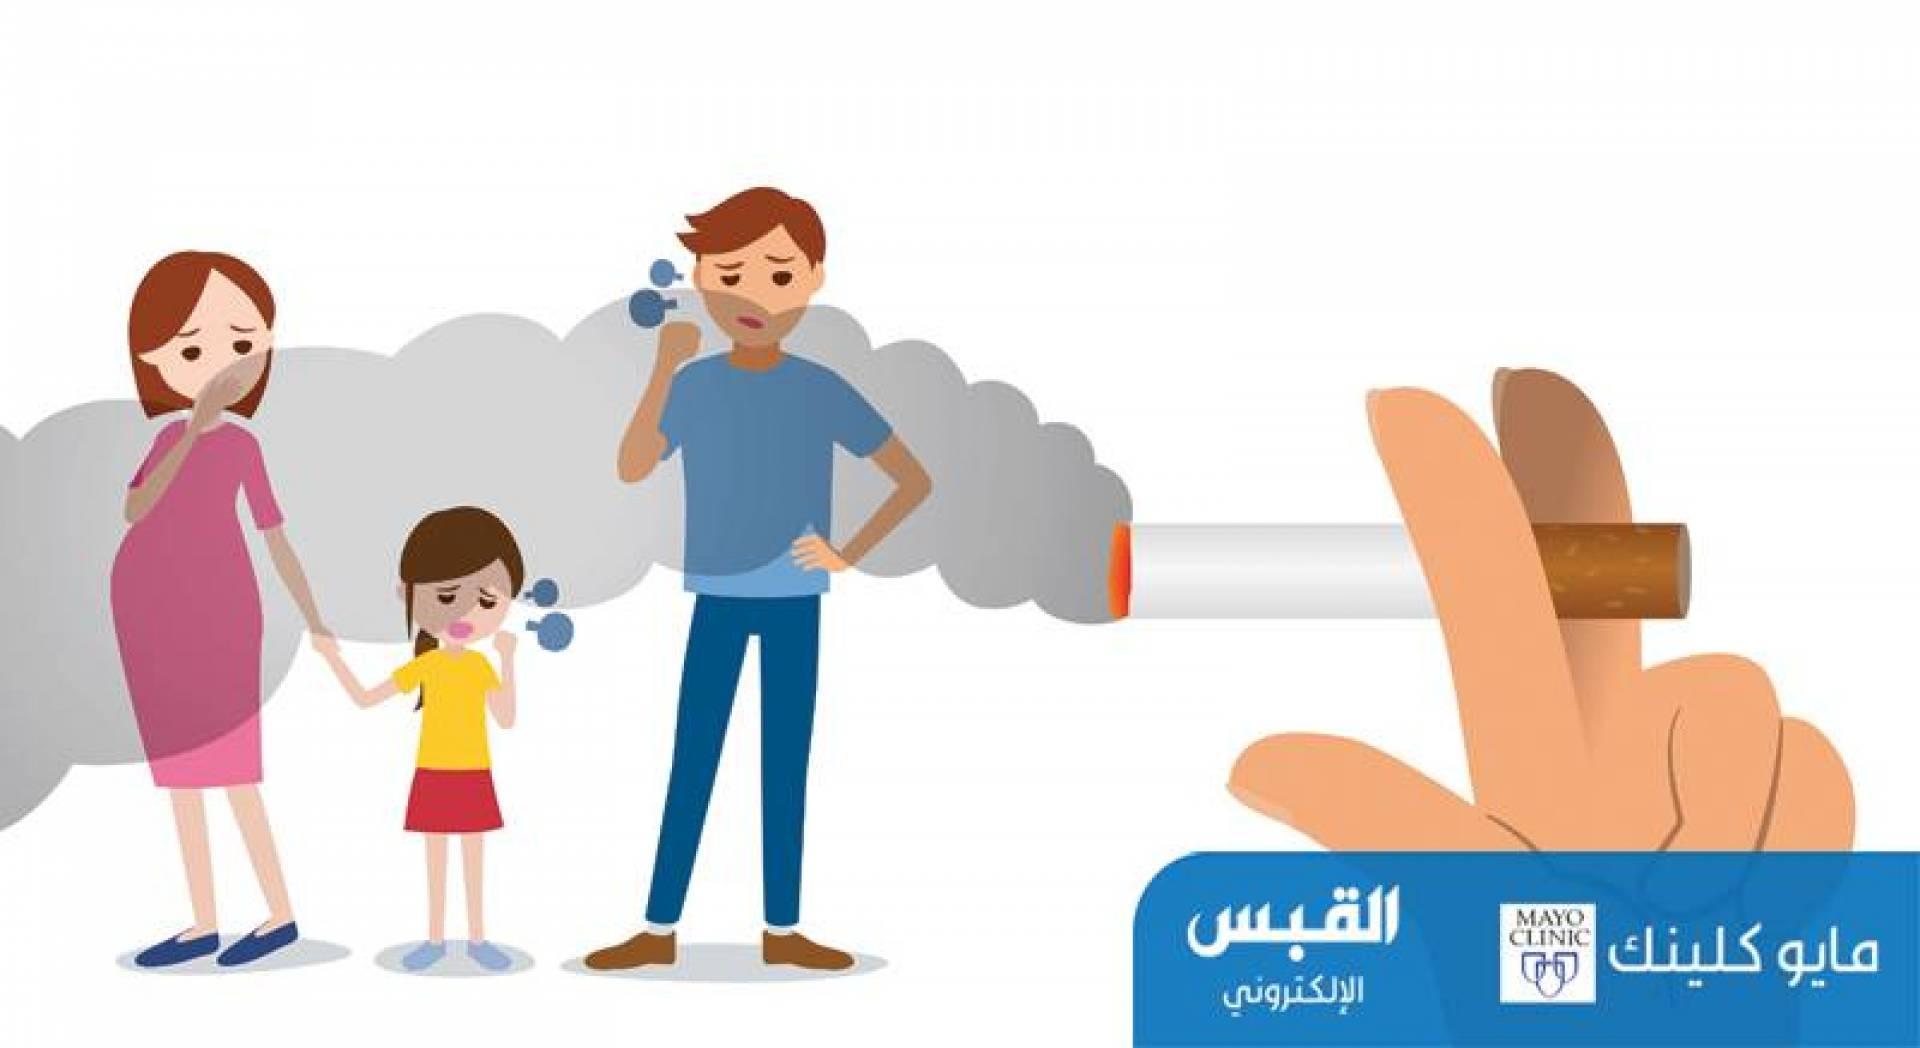 هل يسبب التدخين السلبي نوبة قلبية أو سكتة دماغية؟